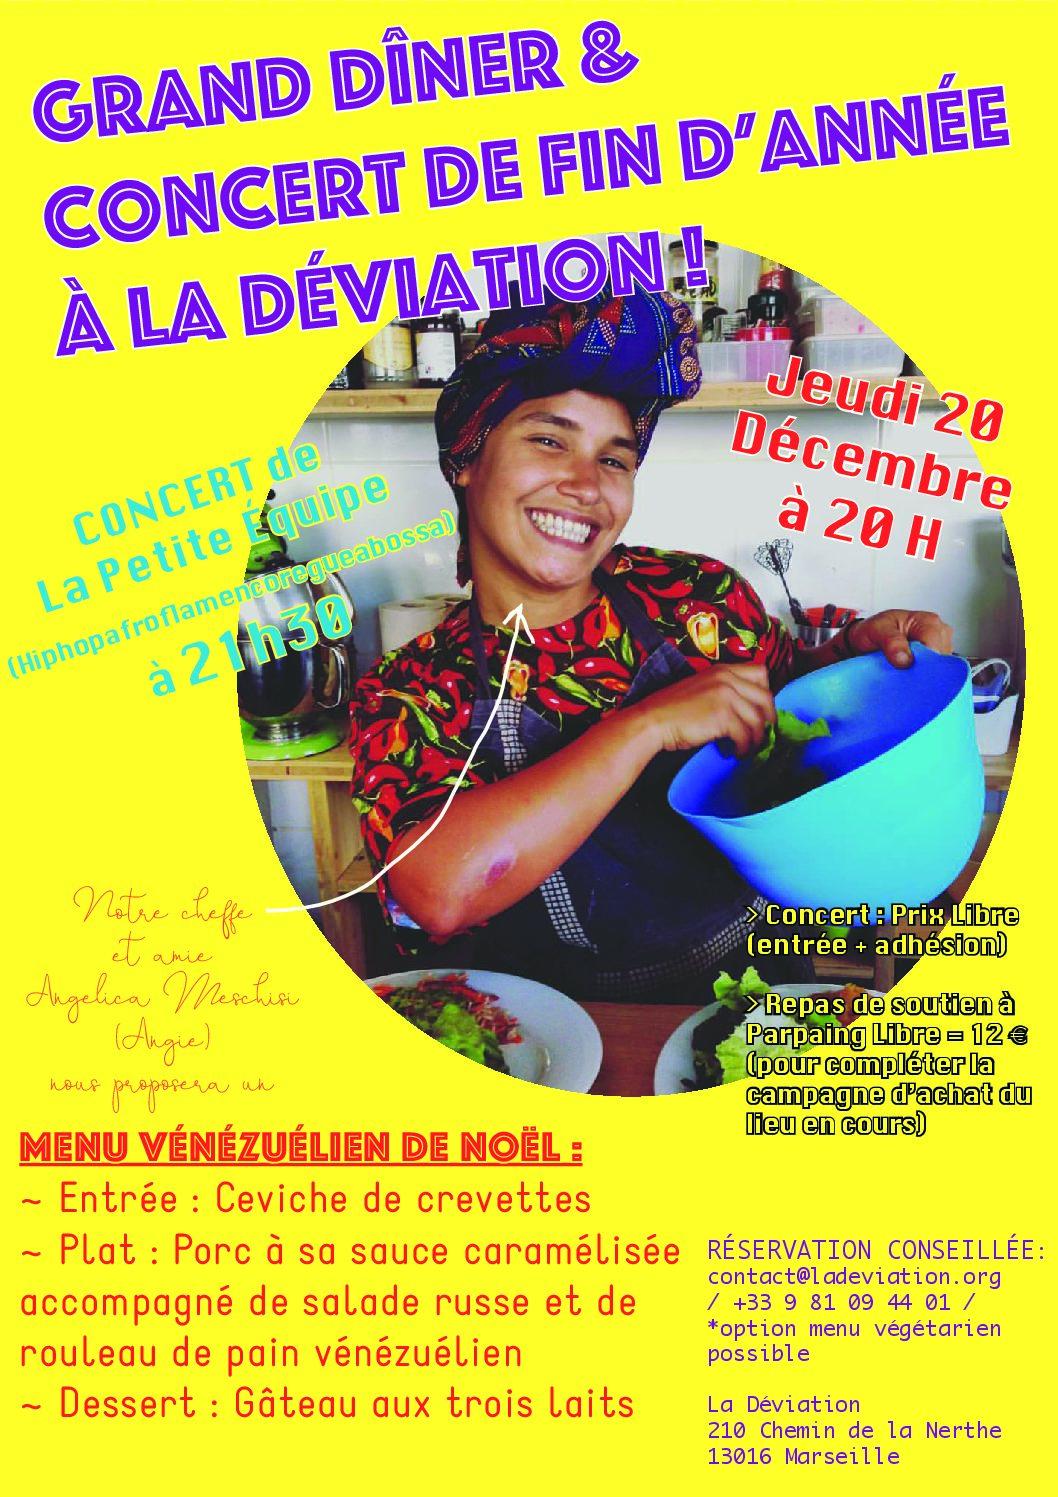 Soirée Dîner vénézuélien de Noël + Concert